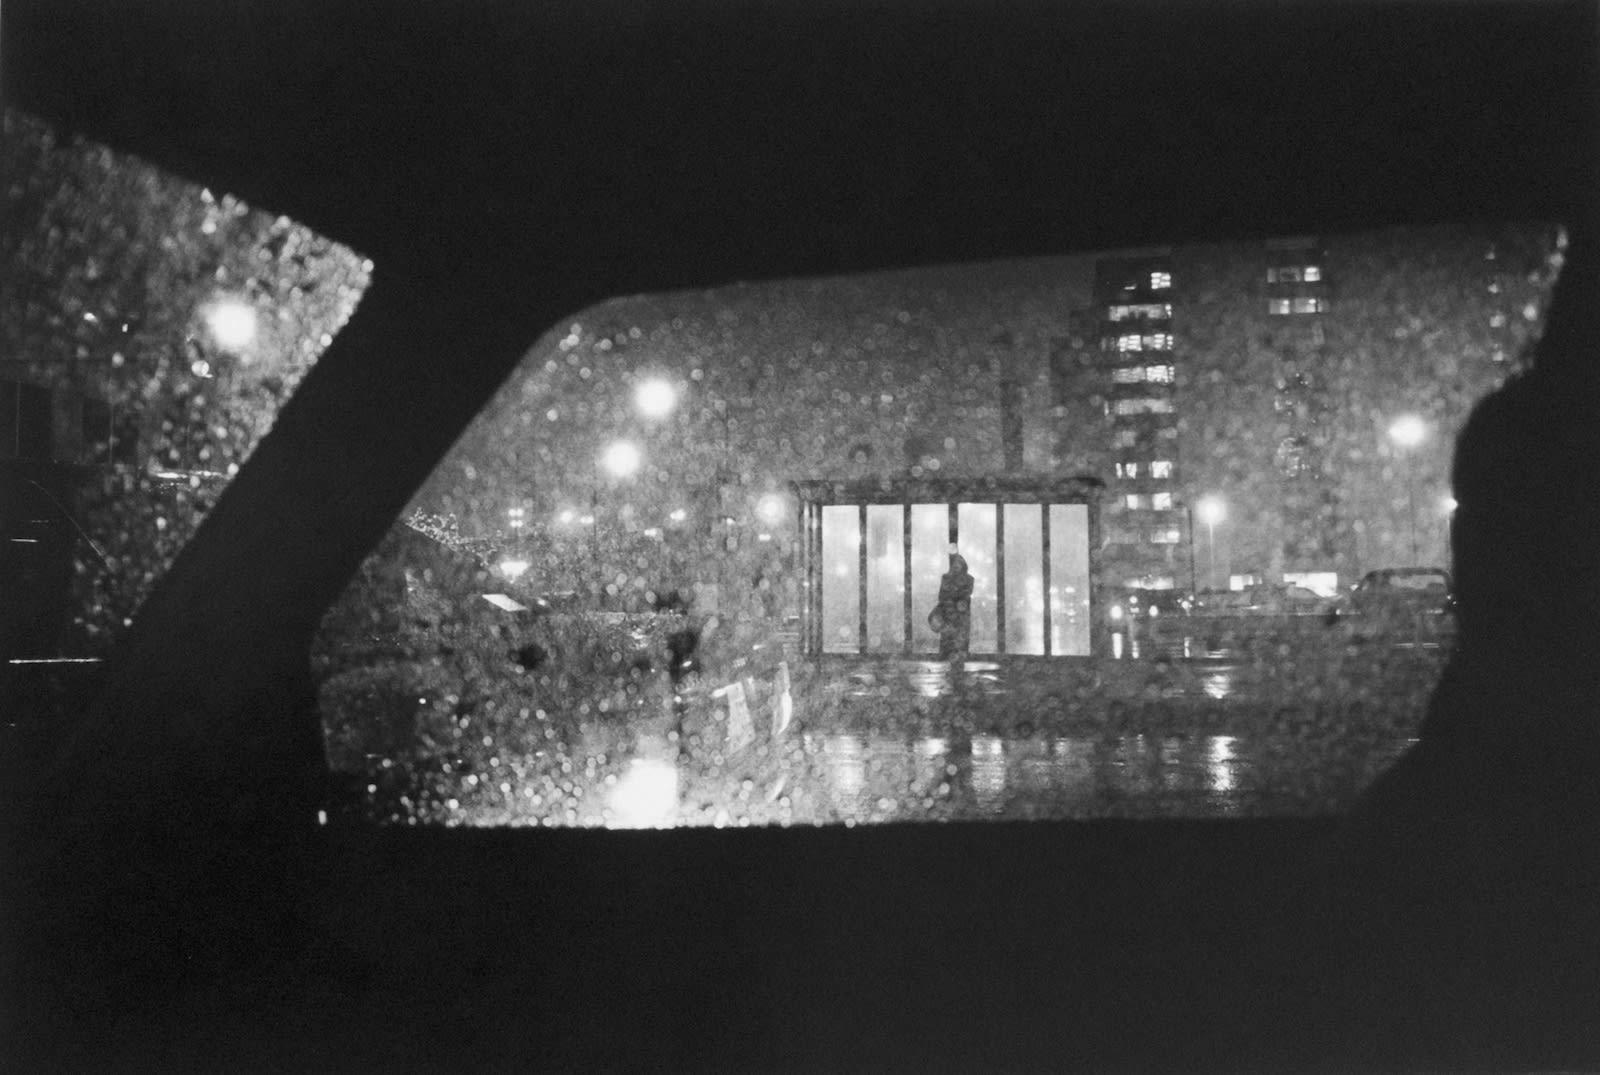 Tom Arndt Woman at bus stop at night, Chicago Tirage gélatino-argentique moderne, réalisé par l'artiste 30 x 44 cm Dim. papier: 40,6 x 50,8 cm